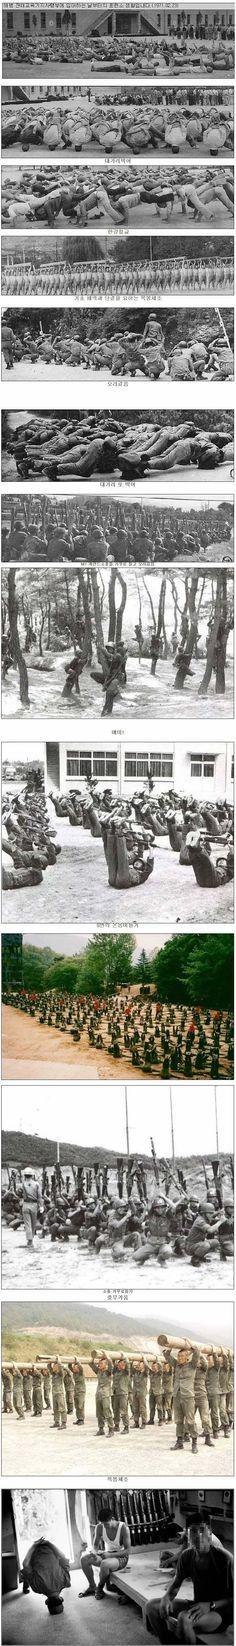 70년대 해병대 훈련소 :: 다나와 DPG